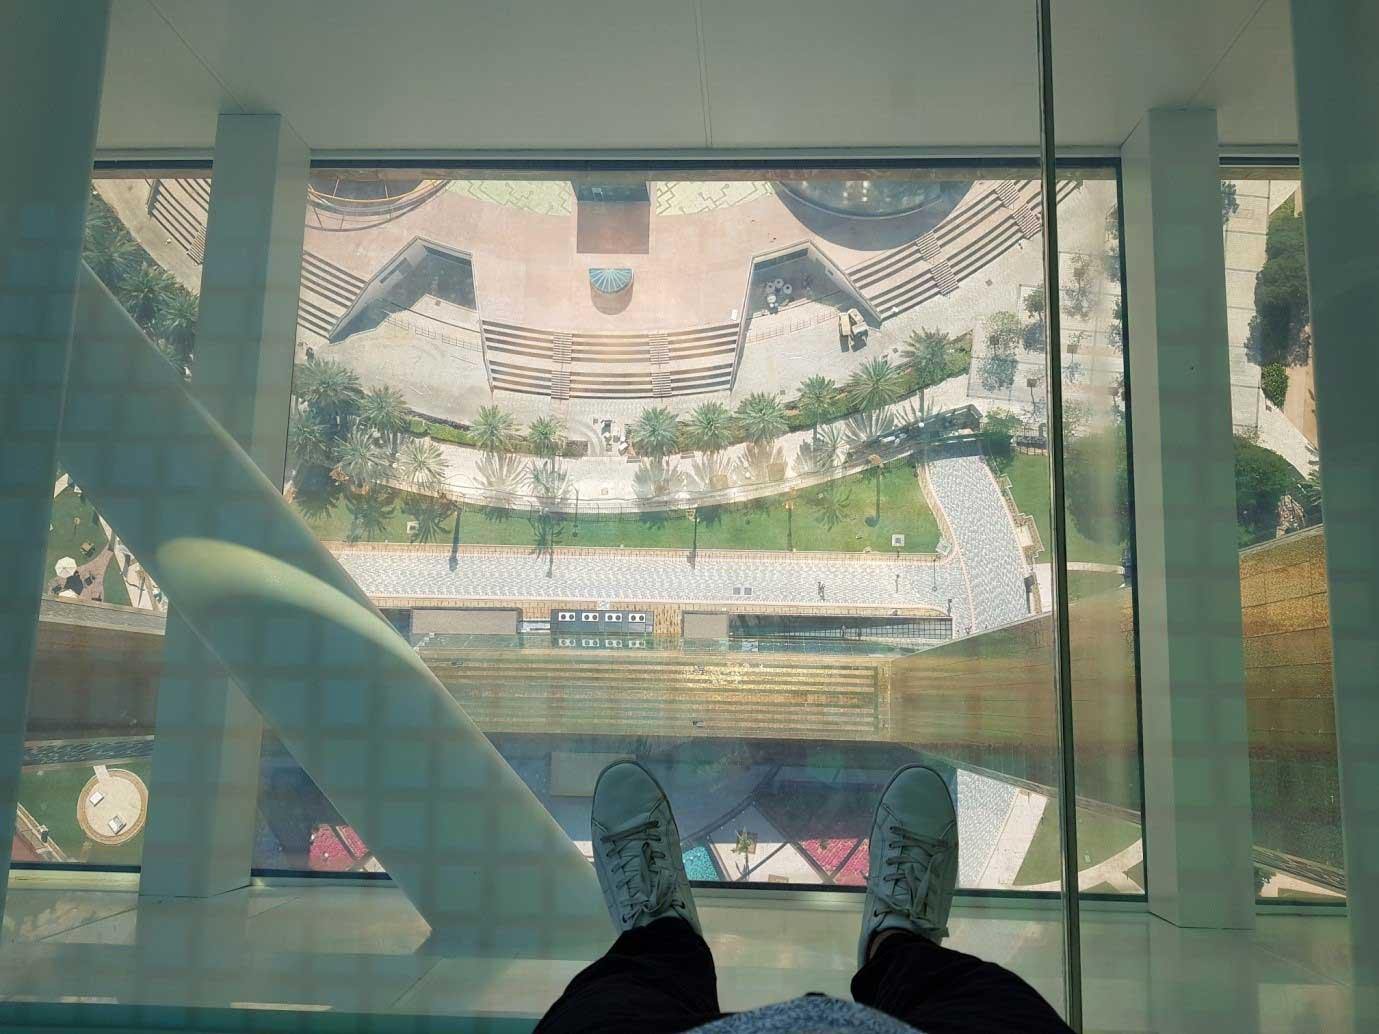 Dubai Frame 360 Degree View